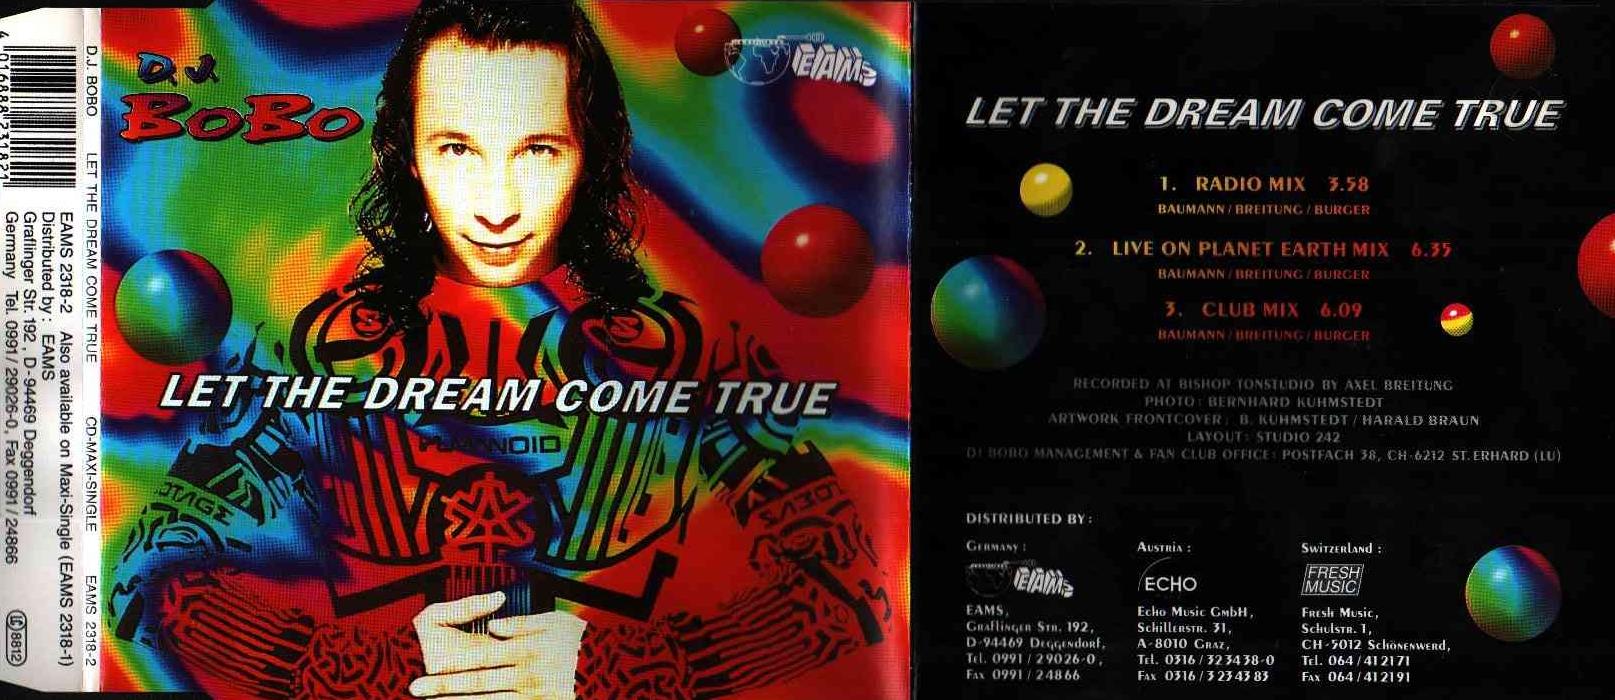 DJ BoBo* D.J. BoBo - Let The Dream Come True